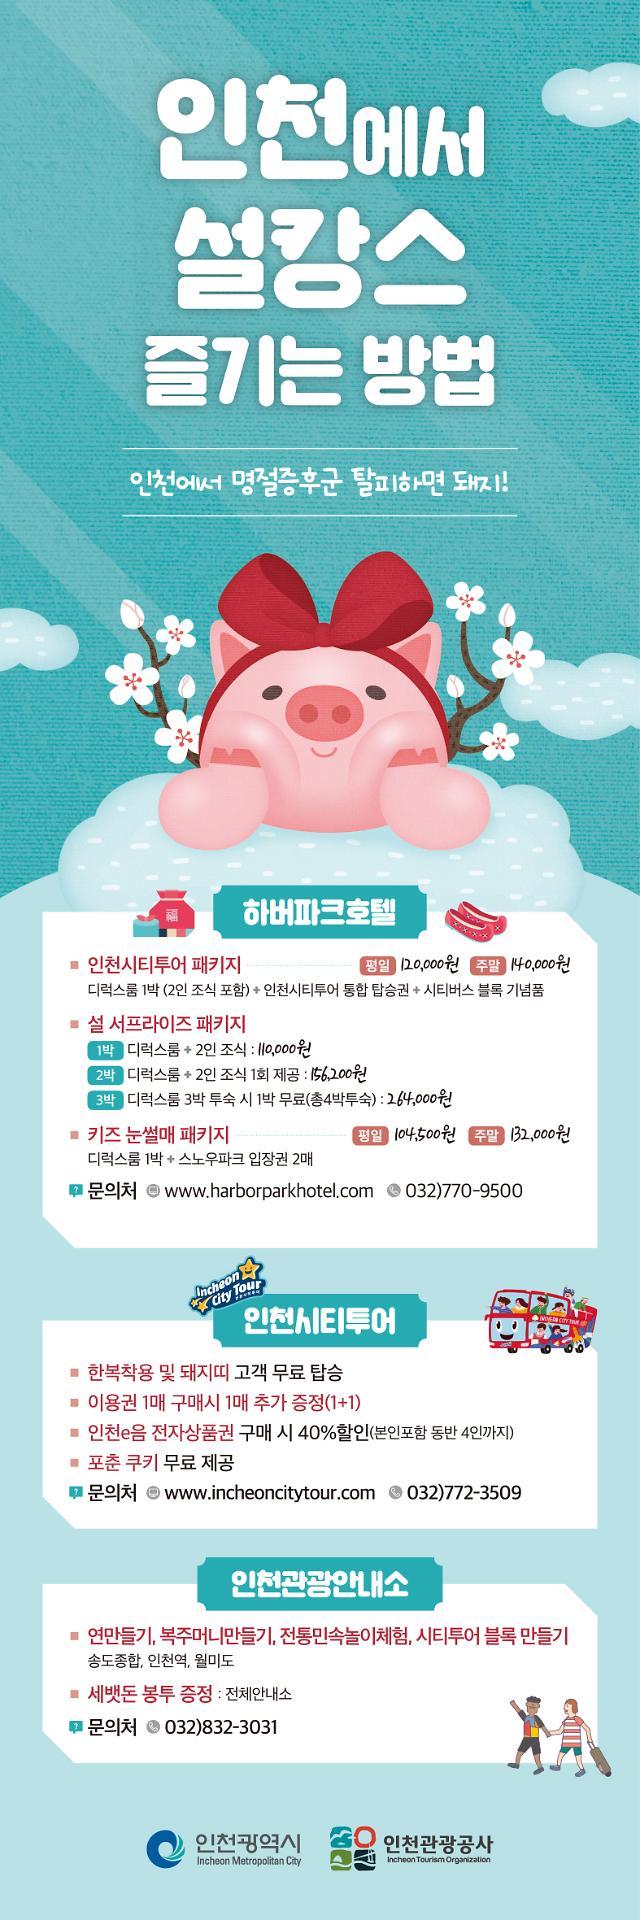 2019년 첫 황금연휴 인천에서 설캉스 즐기기